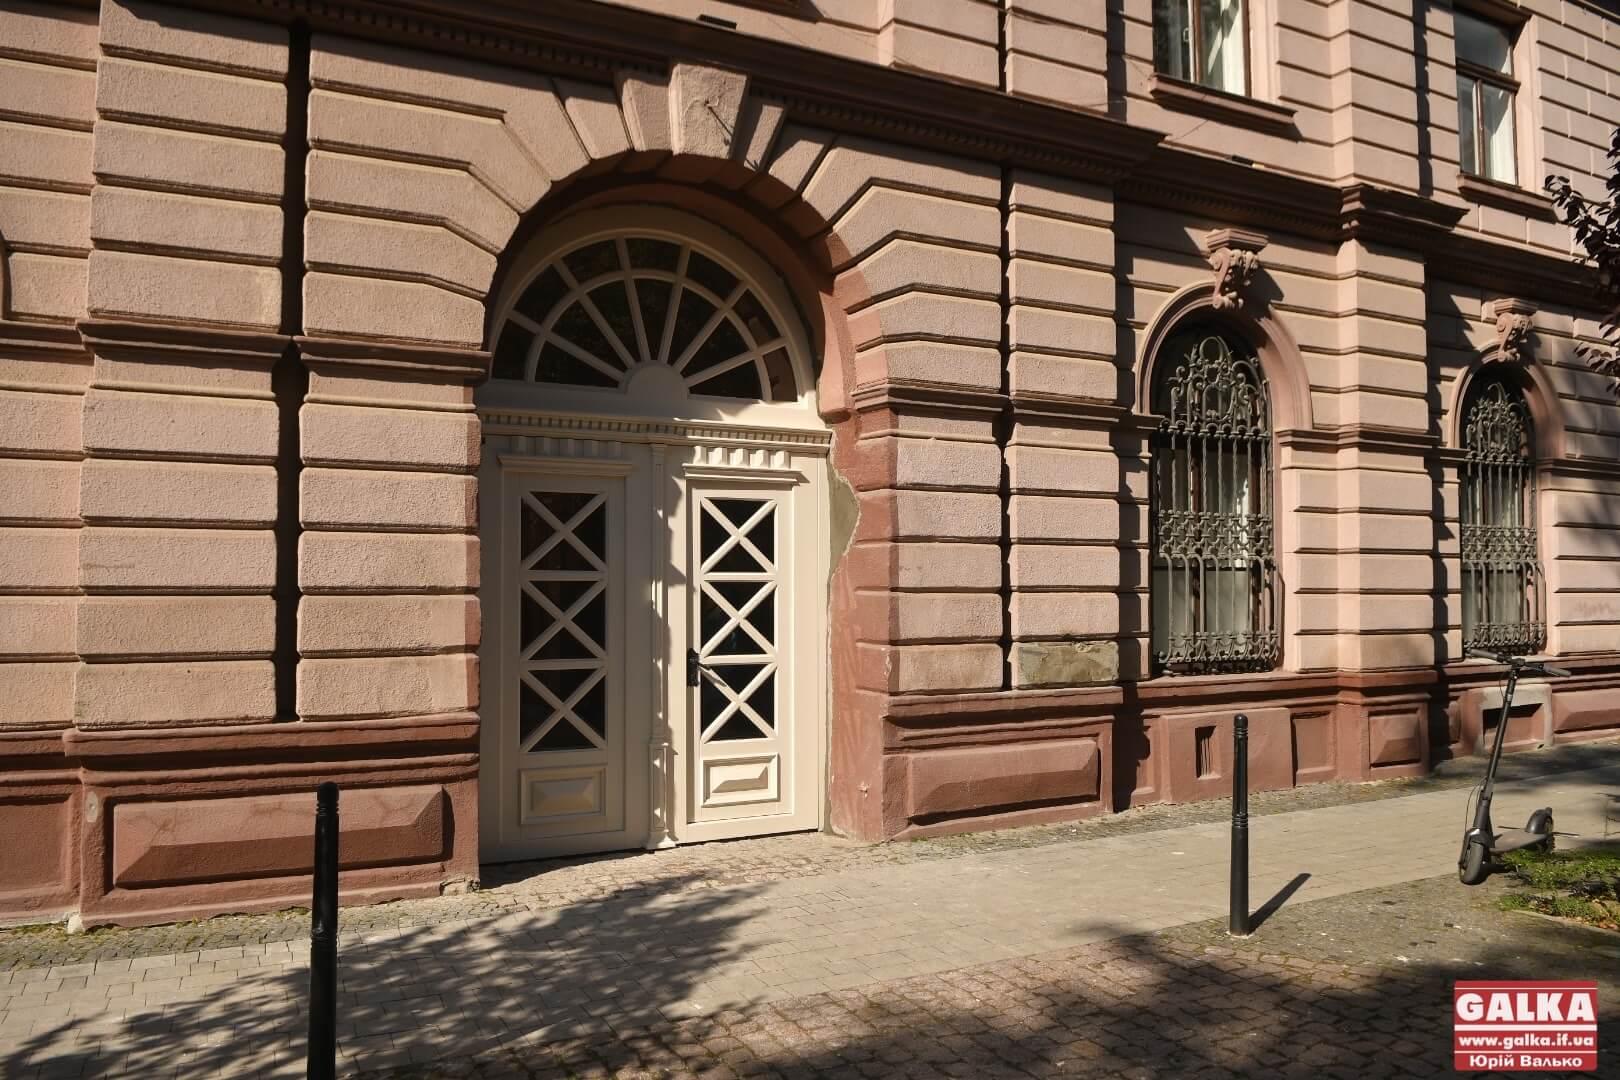 У Франківському медуніверситеті відновили історичні двері (ФОТО)